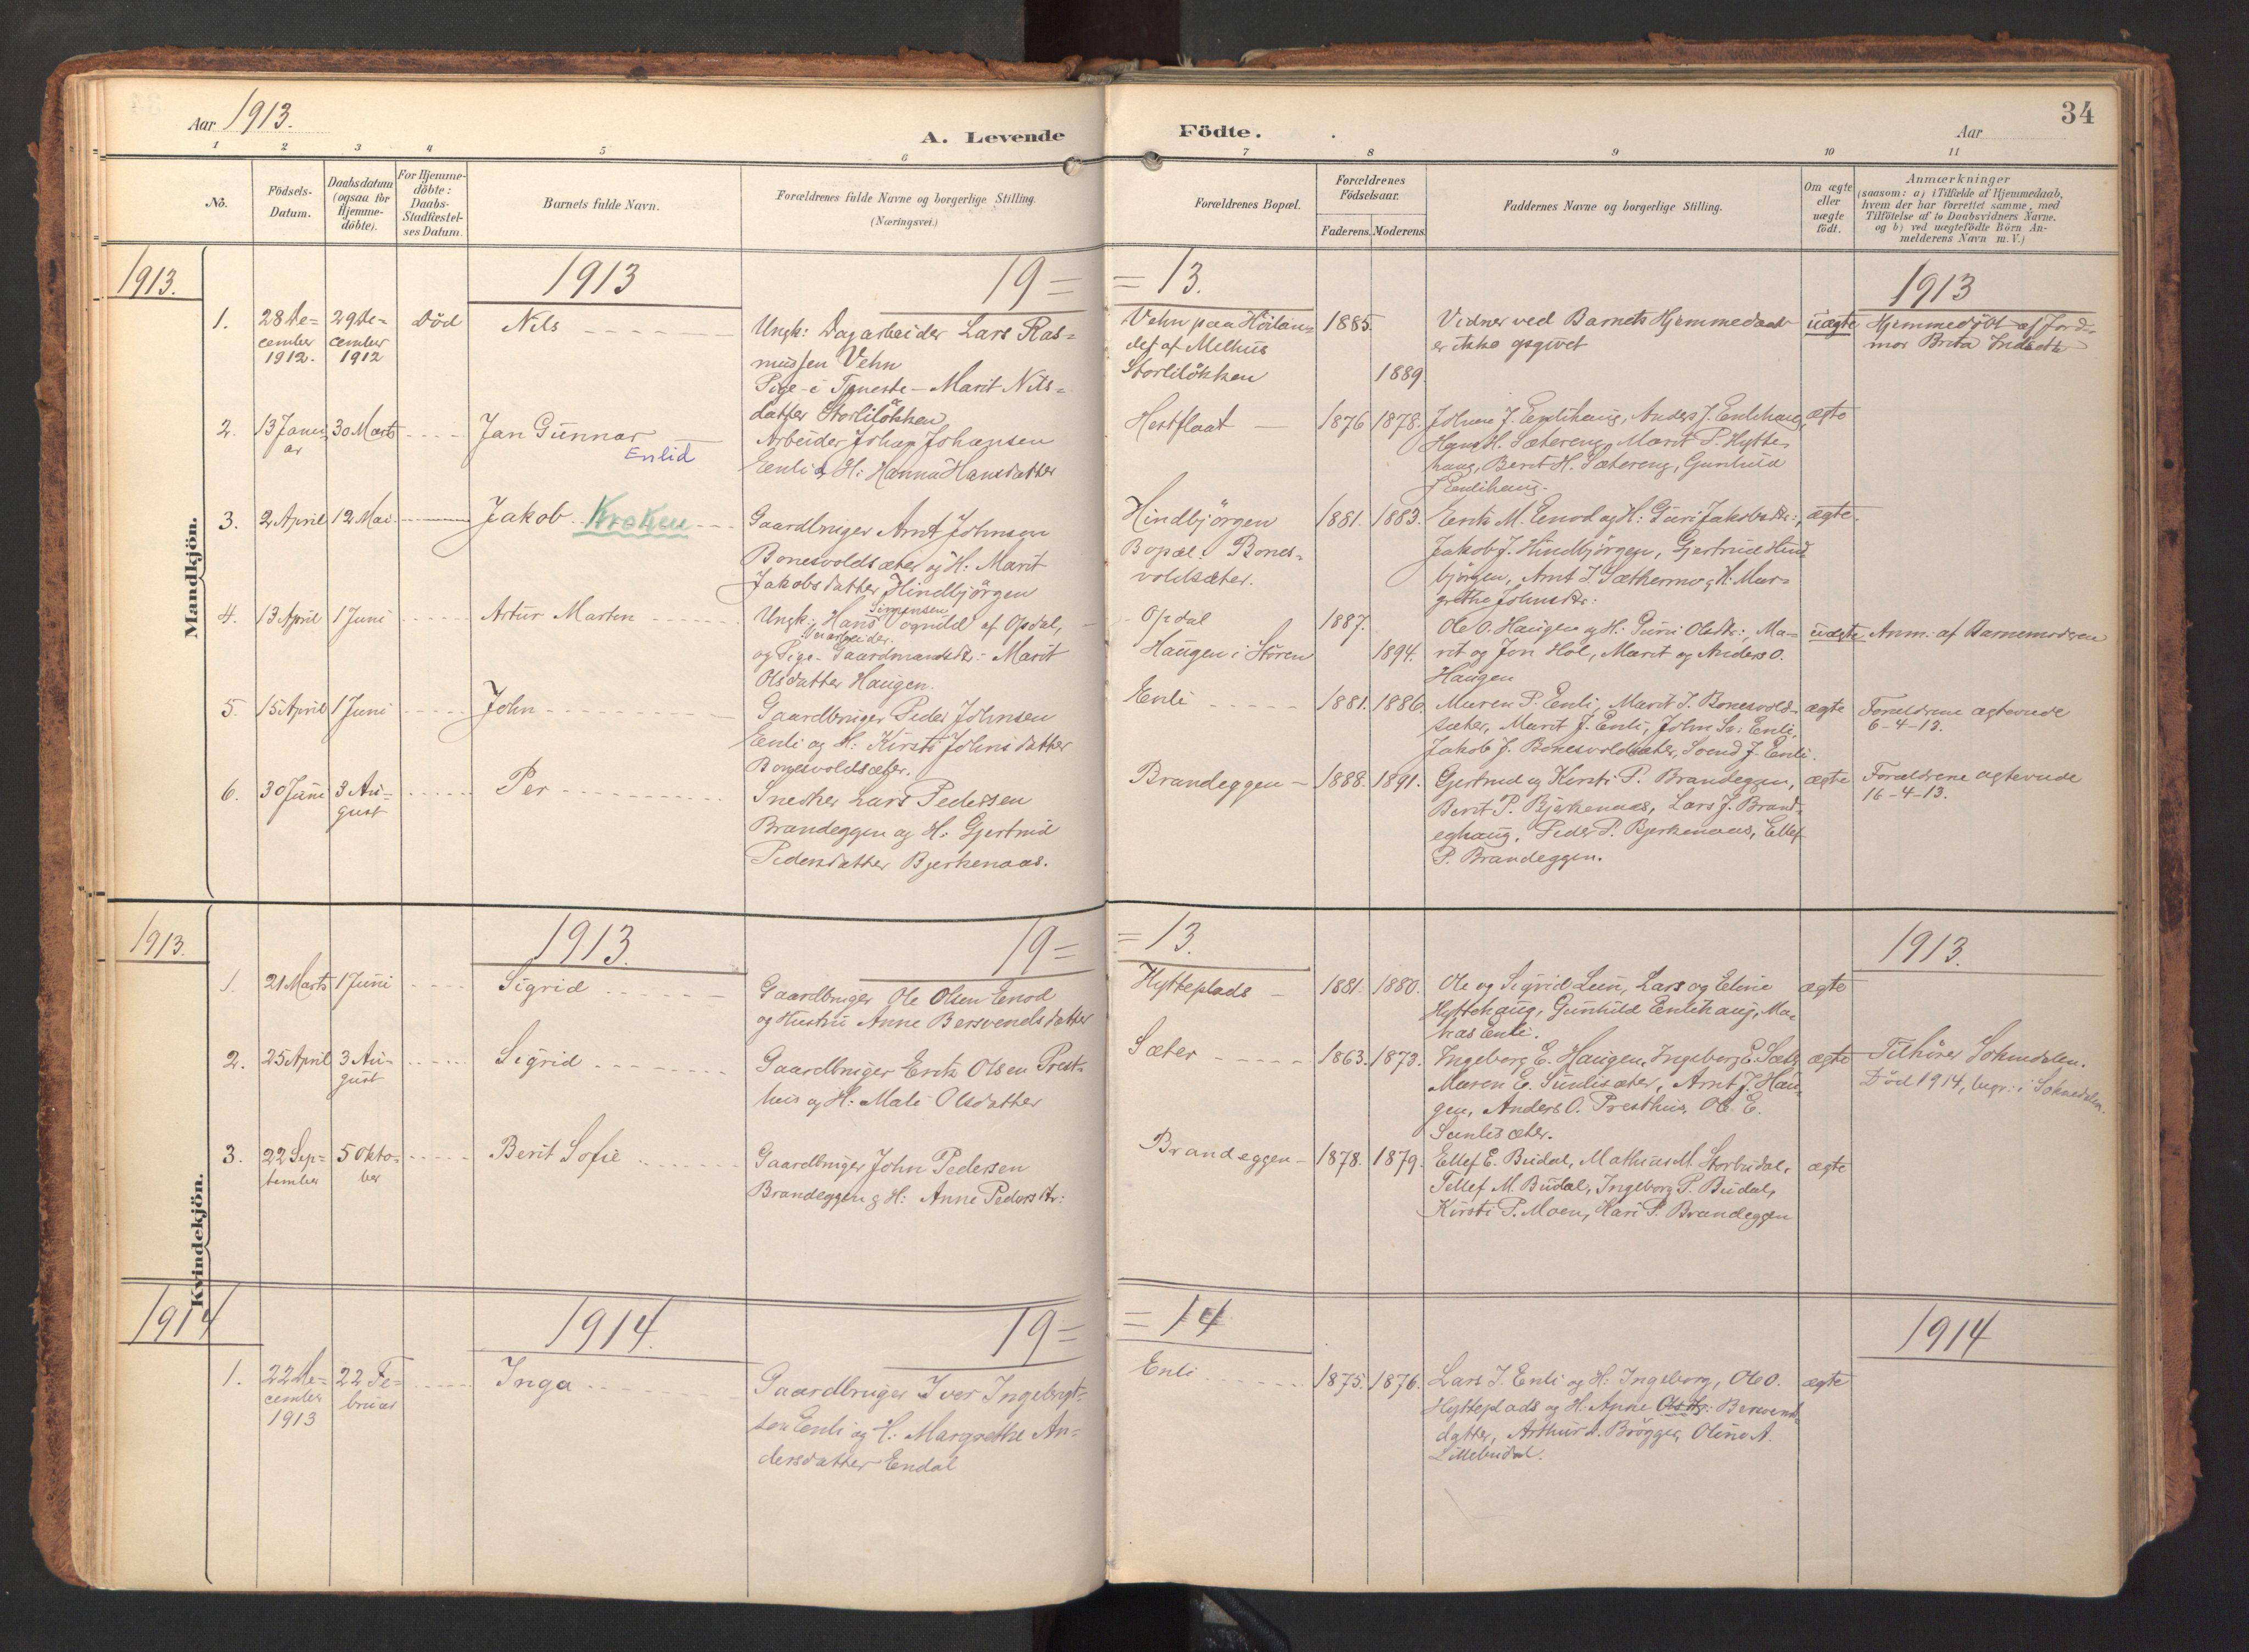 SAT, Ministerialprotokoller, klokkerbøker og fødselsregistre - Sør-Trøndelag, 690/L1050: Ministerialbok nr. 690A01, 1889-1929, s. 34